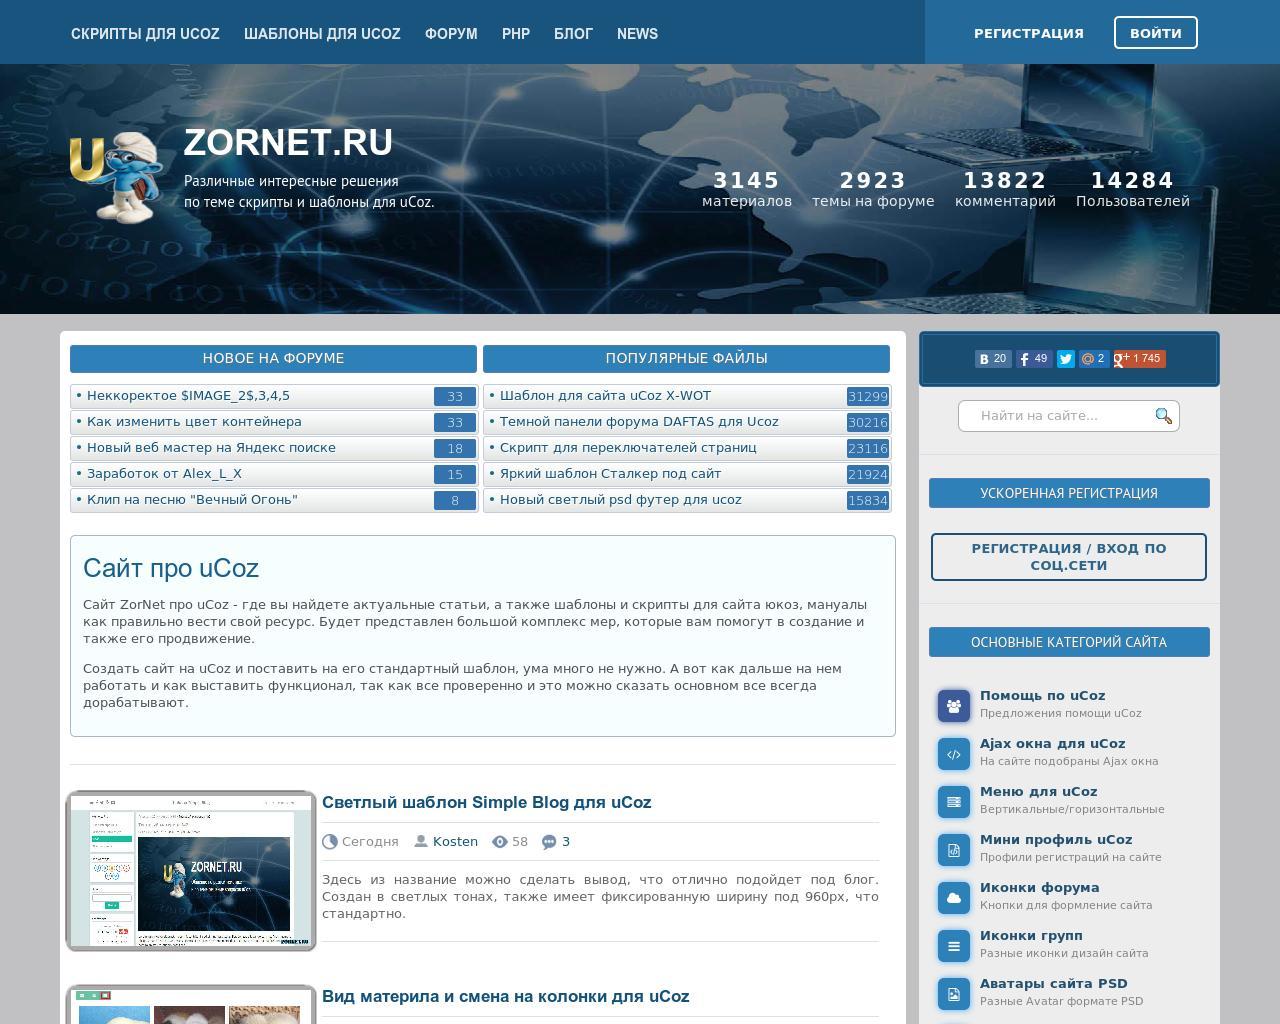 Создание нового многоуровнего меню на сайте uCoz 82